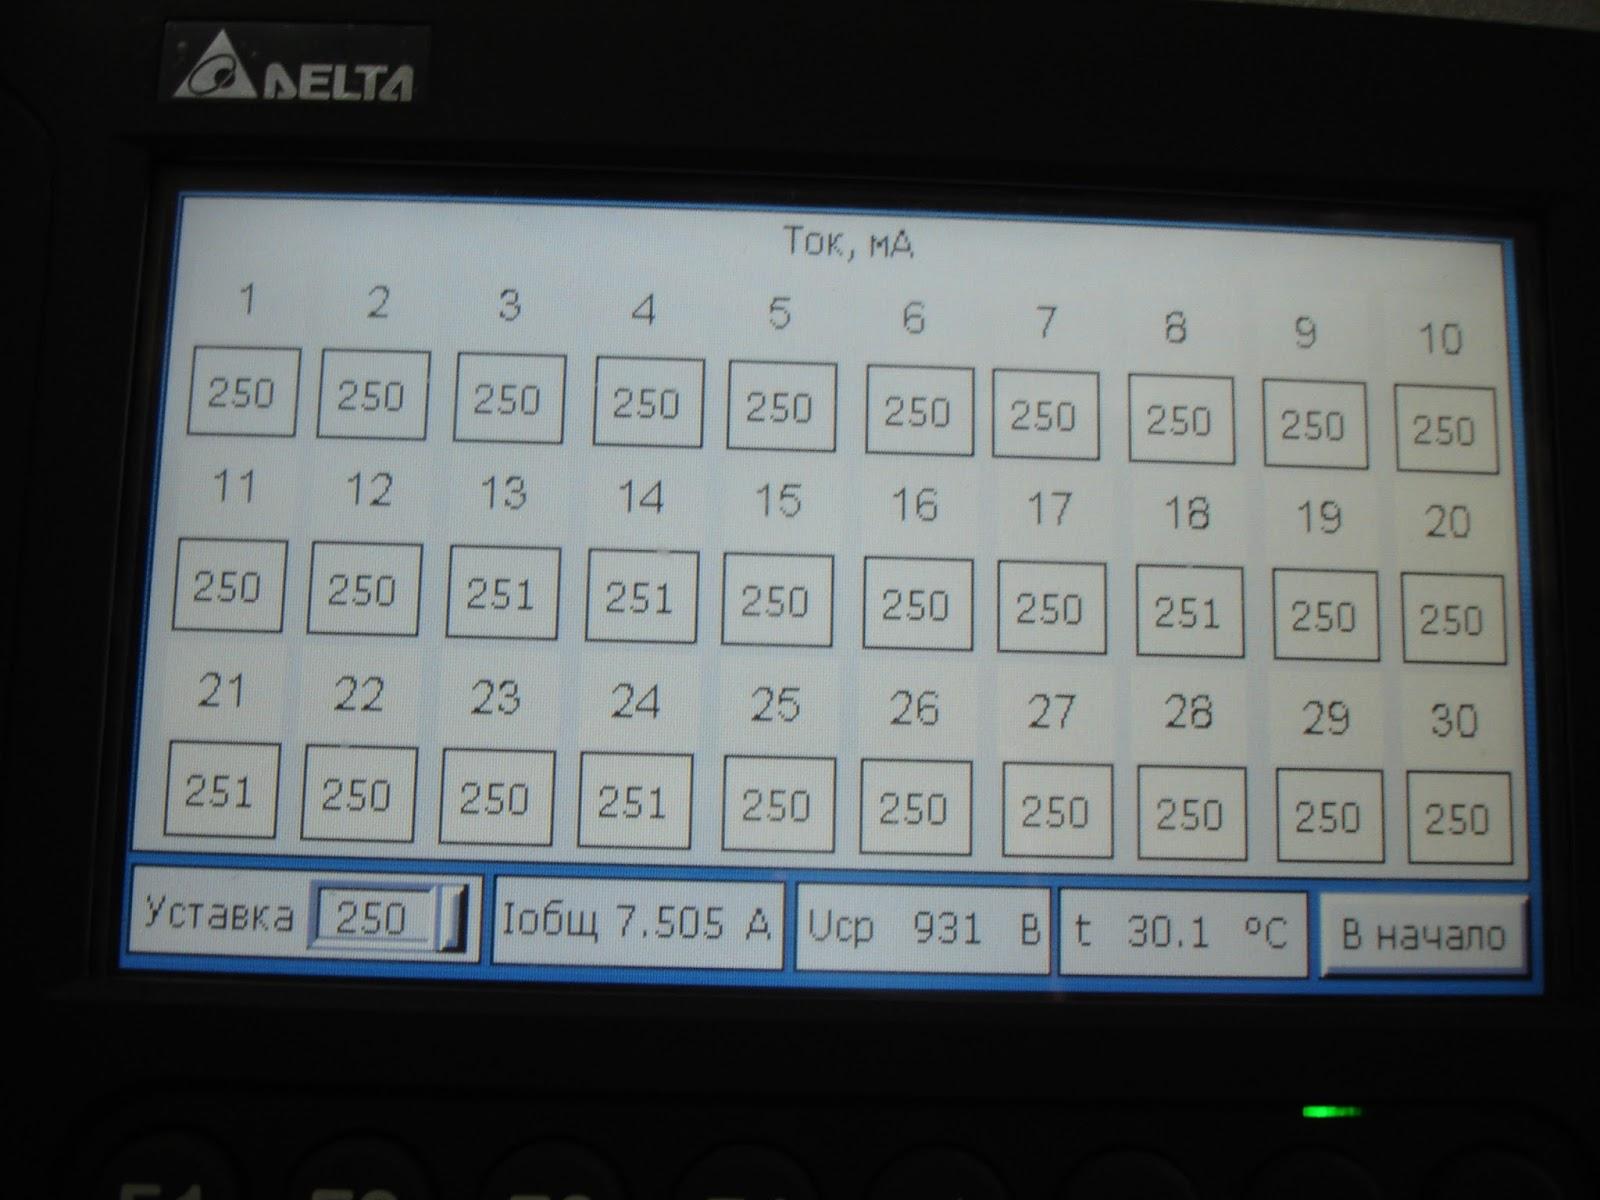 Экран индикации тока в каждом канале